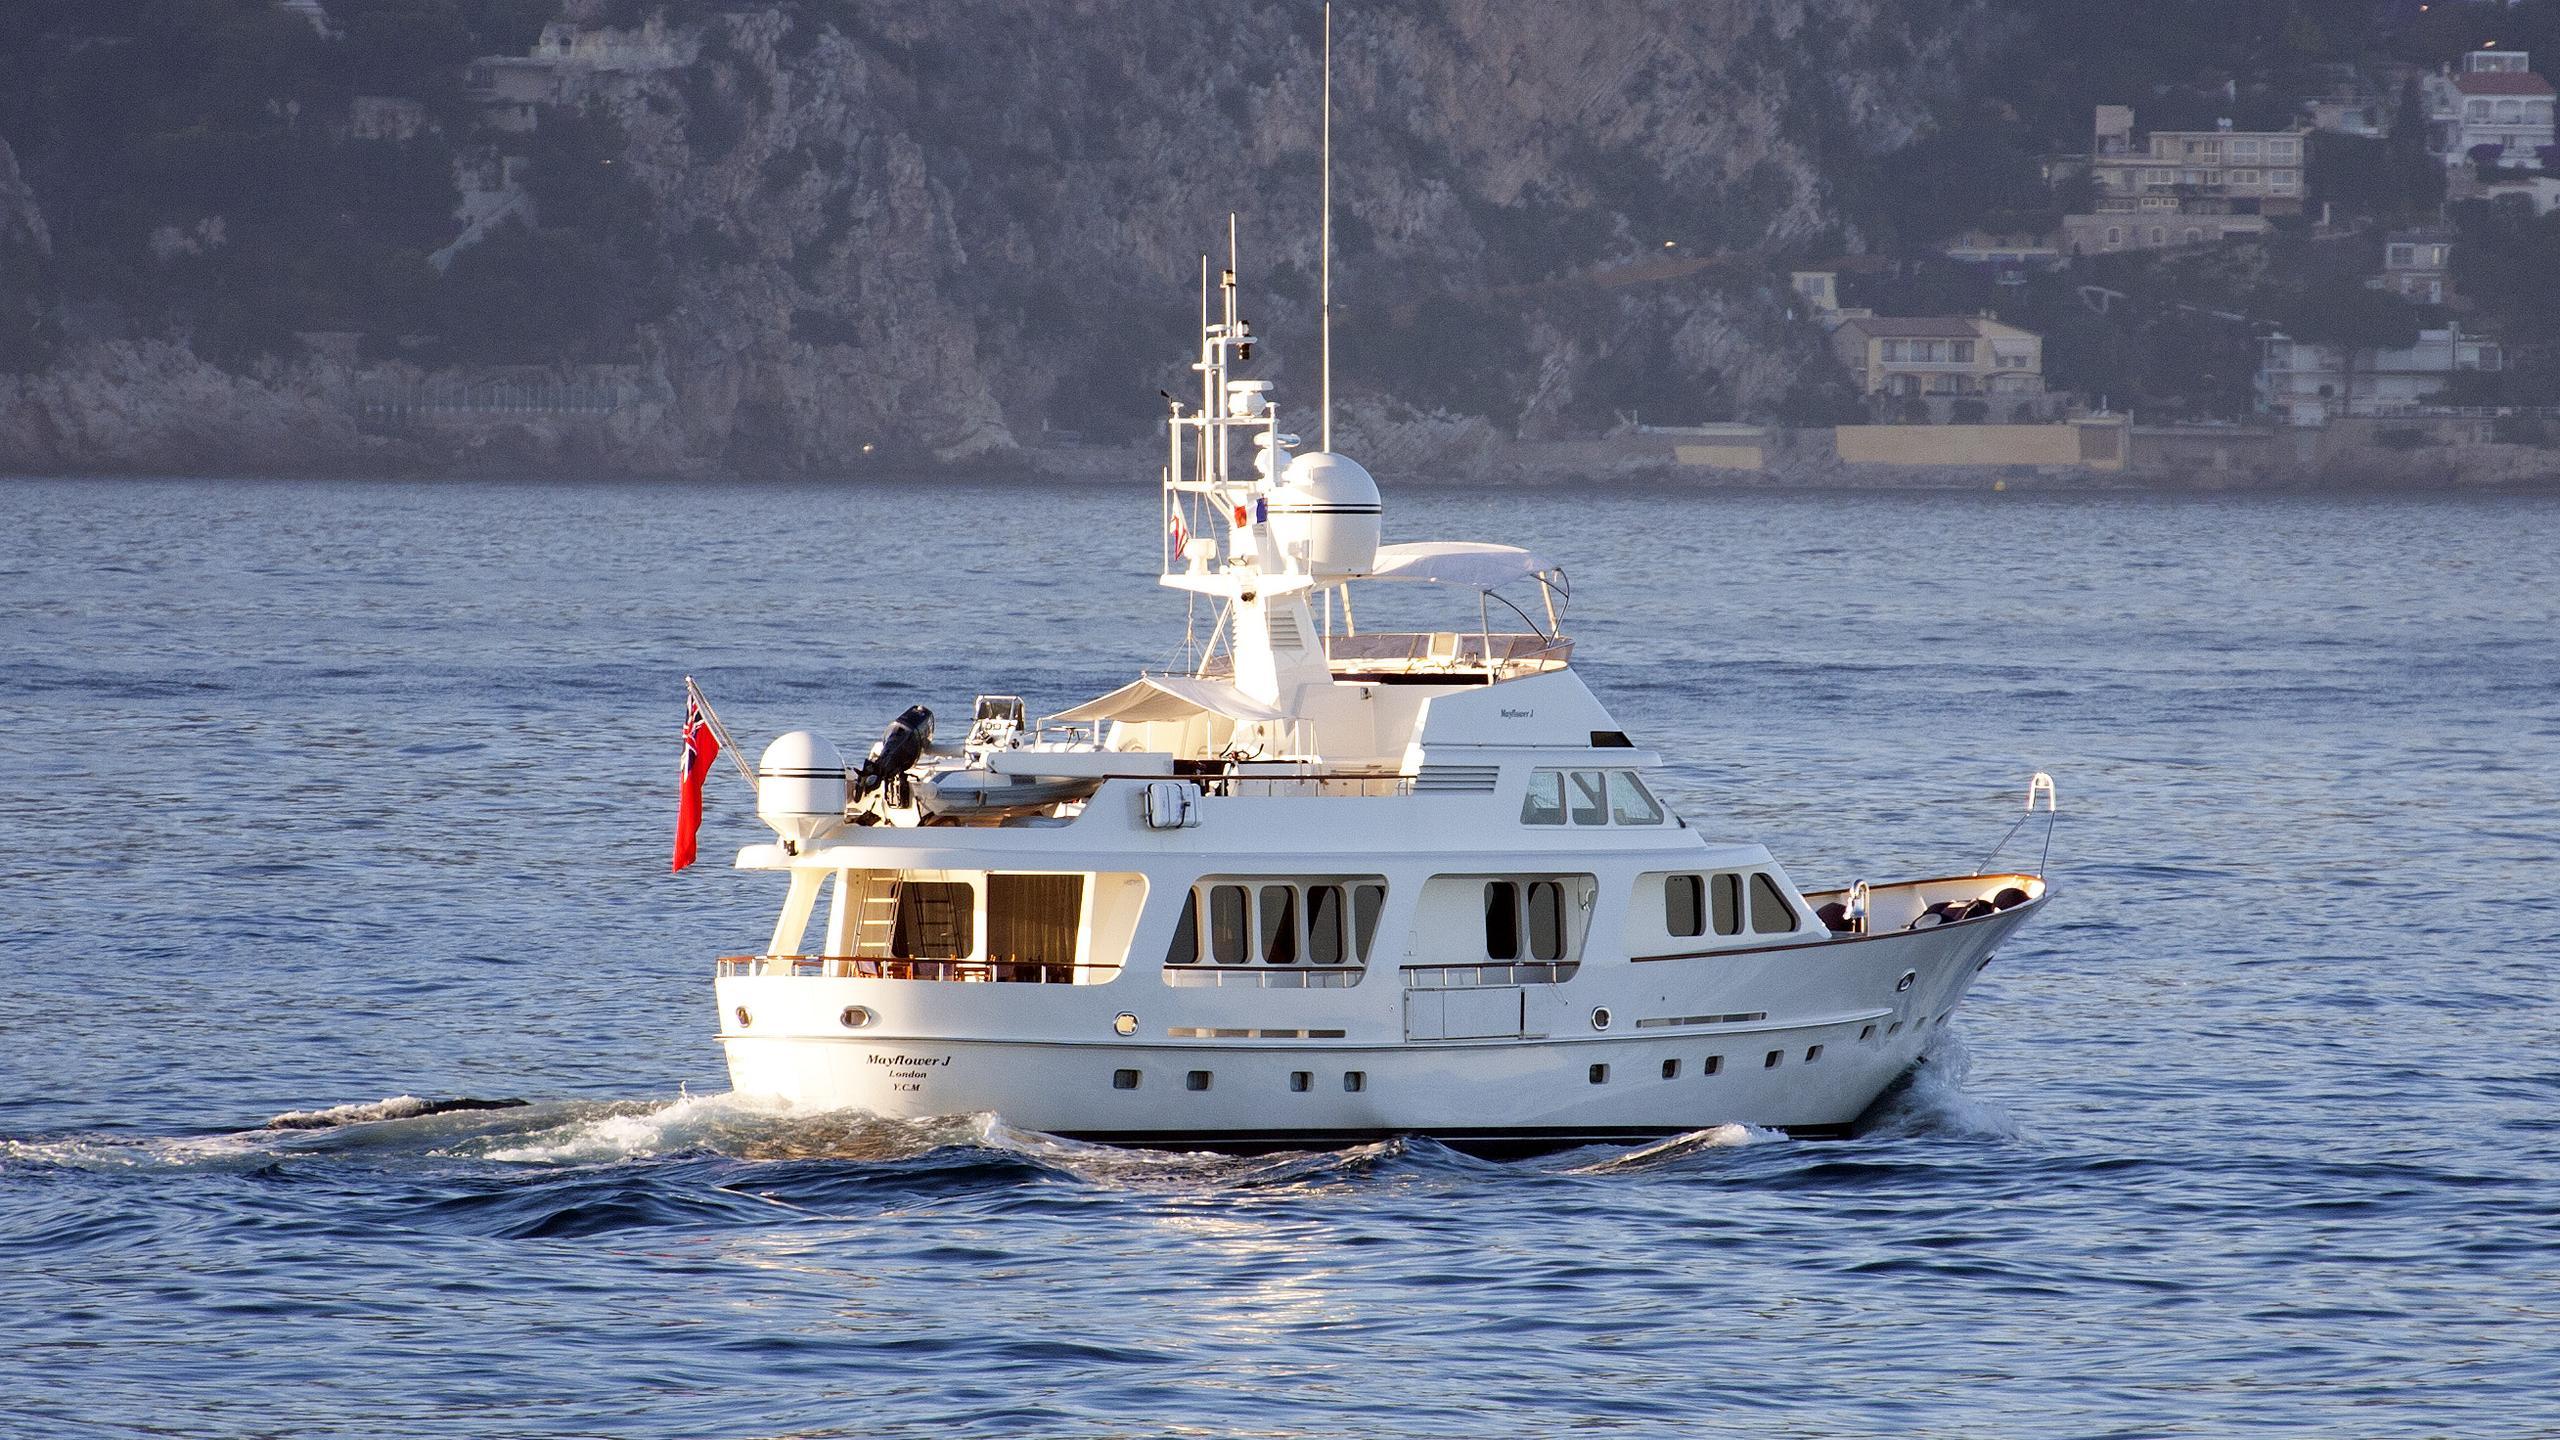 mayflower-motor-yacht-moonene-85-1992-26m-cruising-stern